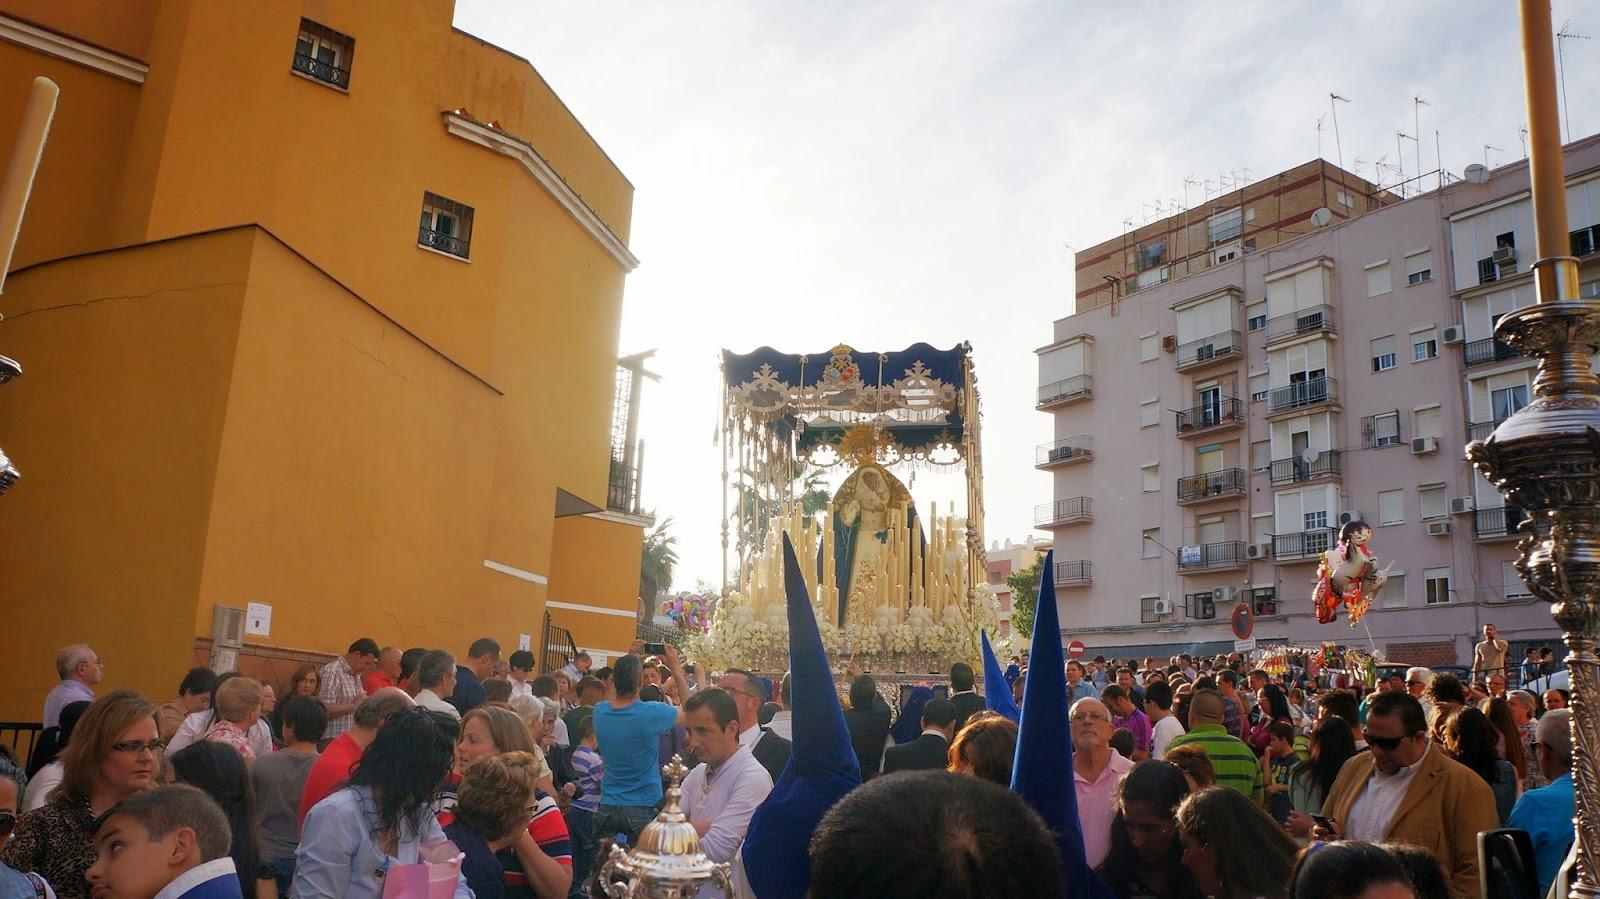 Visperas 2014 Procesion de la Virgen de Los Angeles en San Juan de Aznalfarache